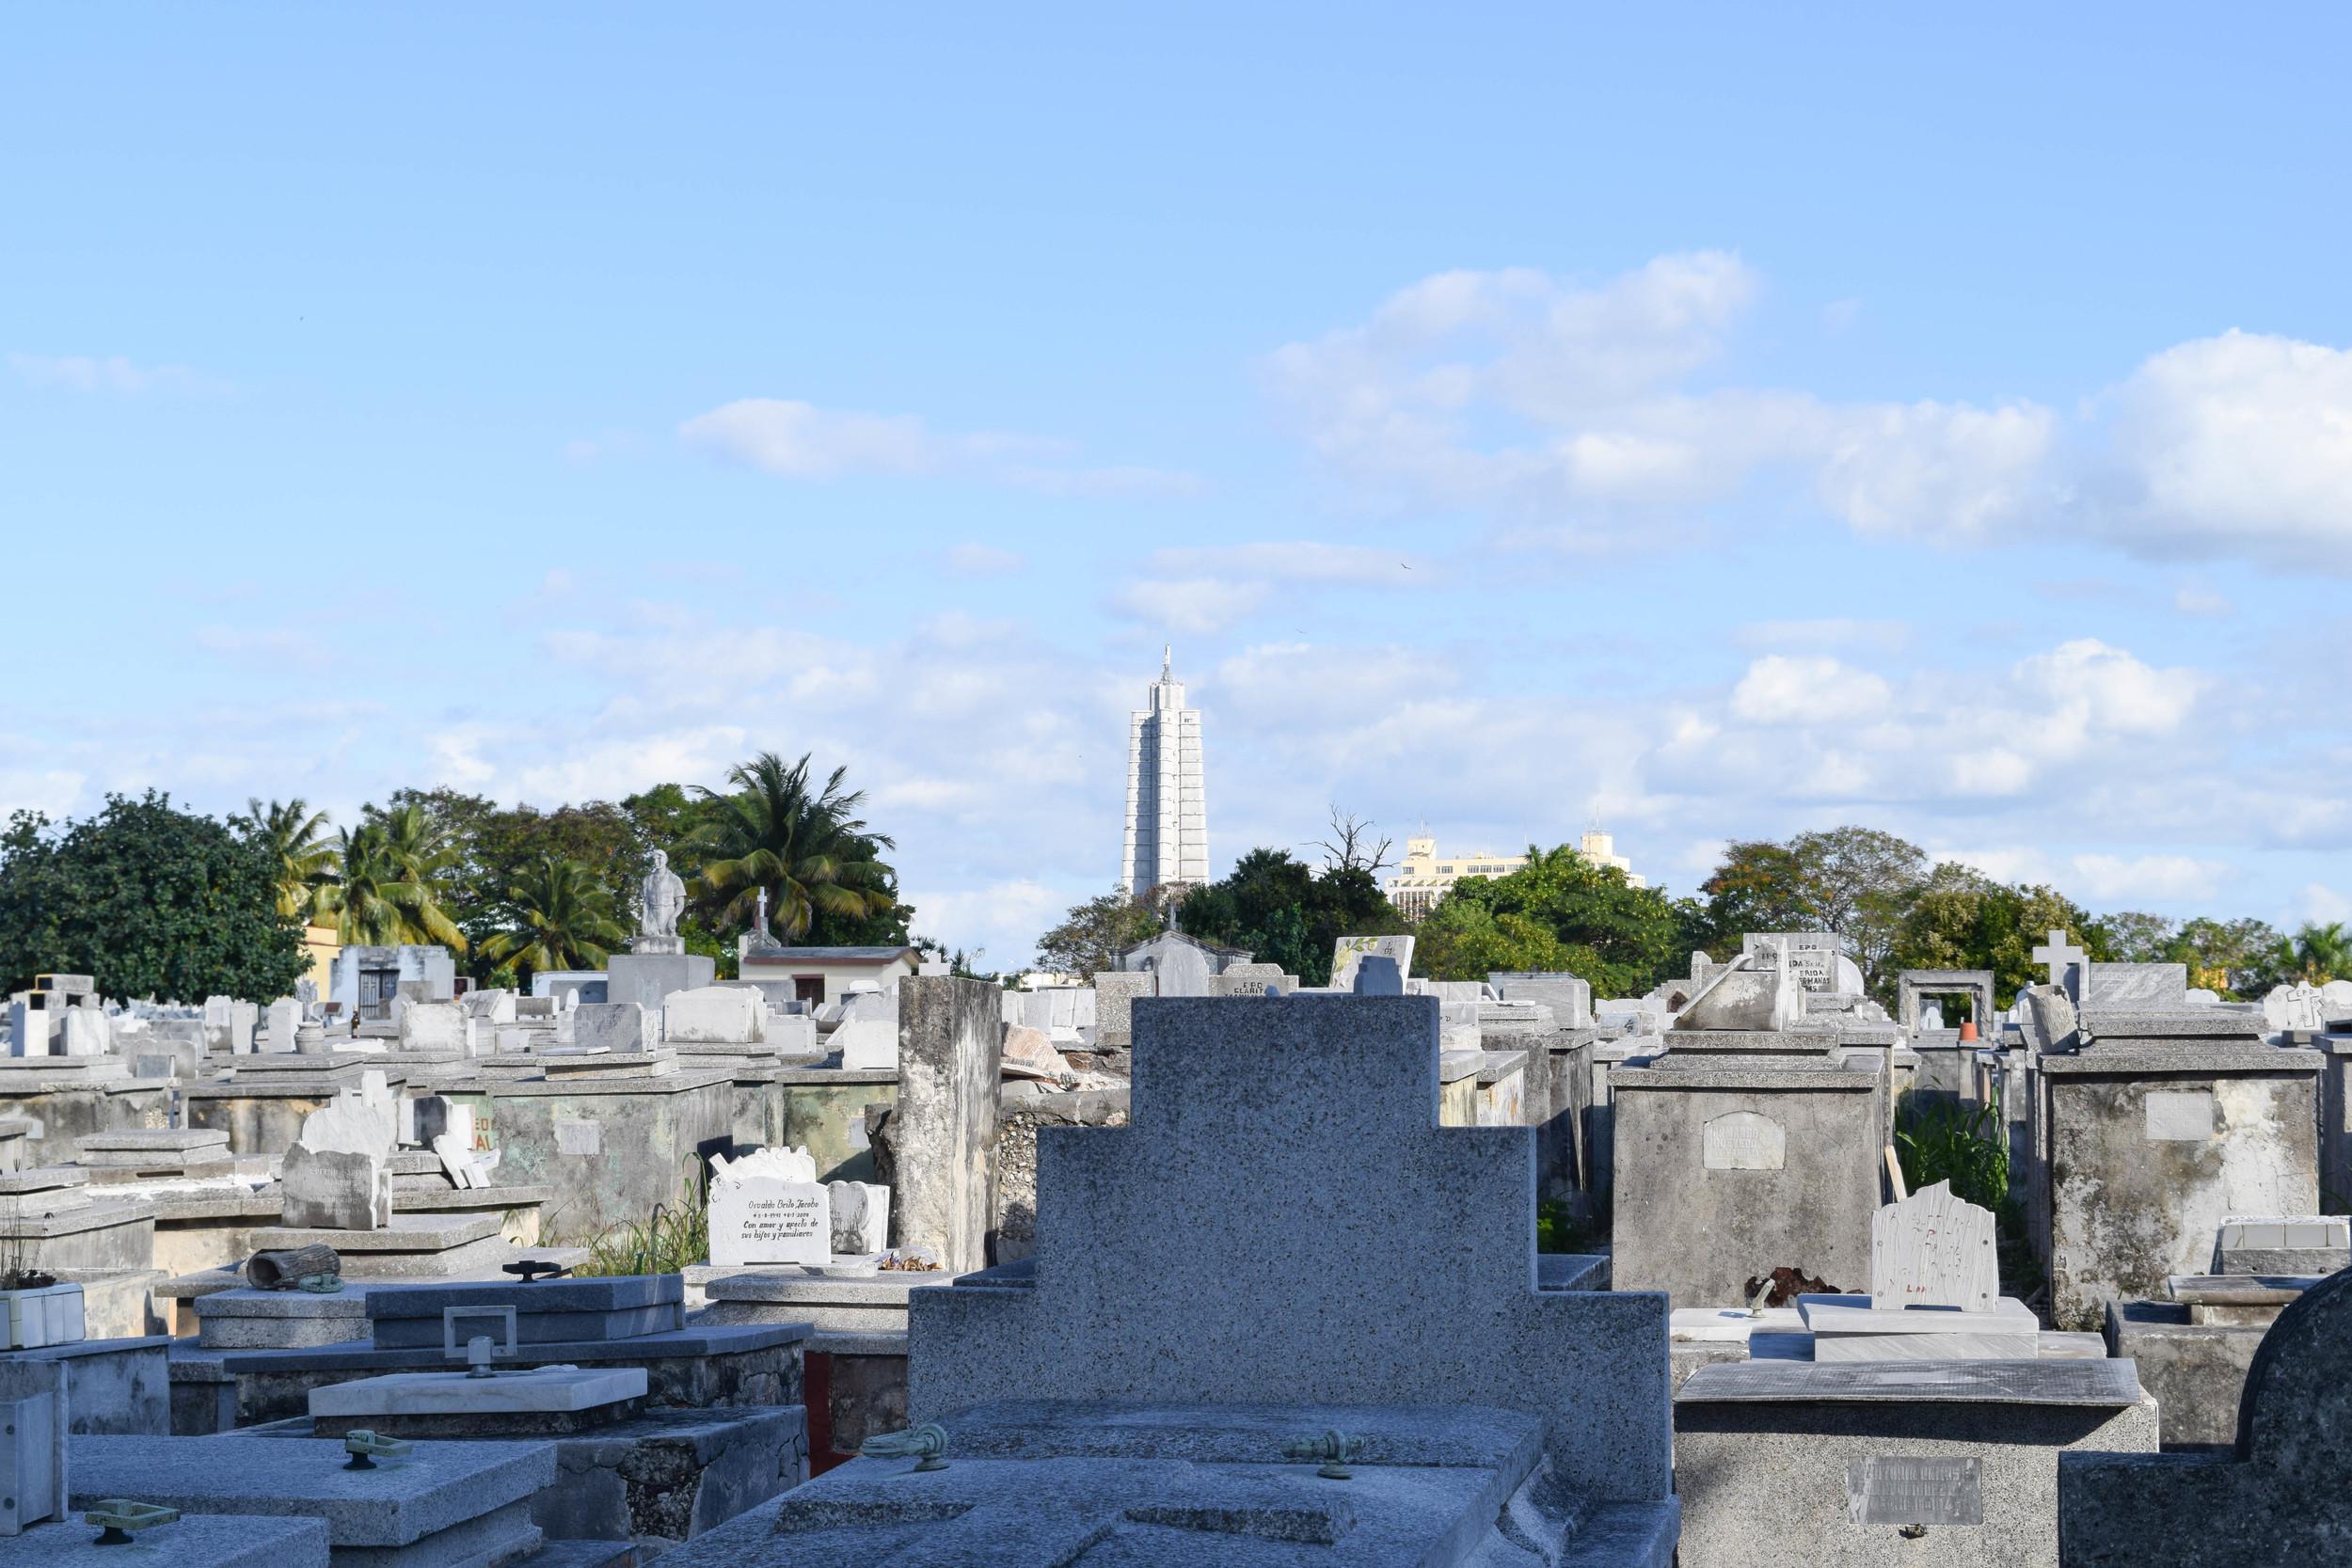 View of José Martí Memorial